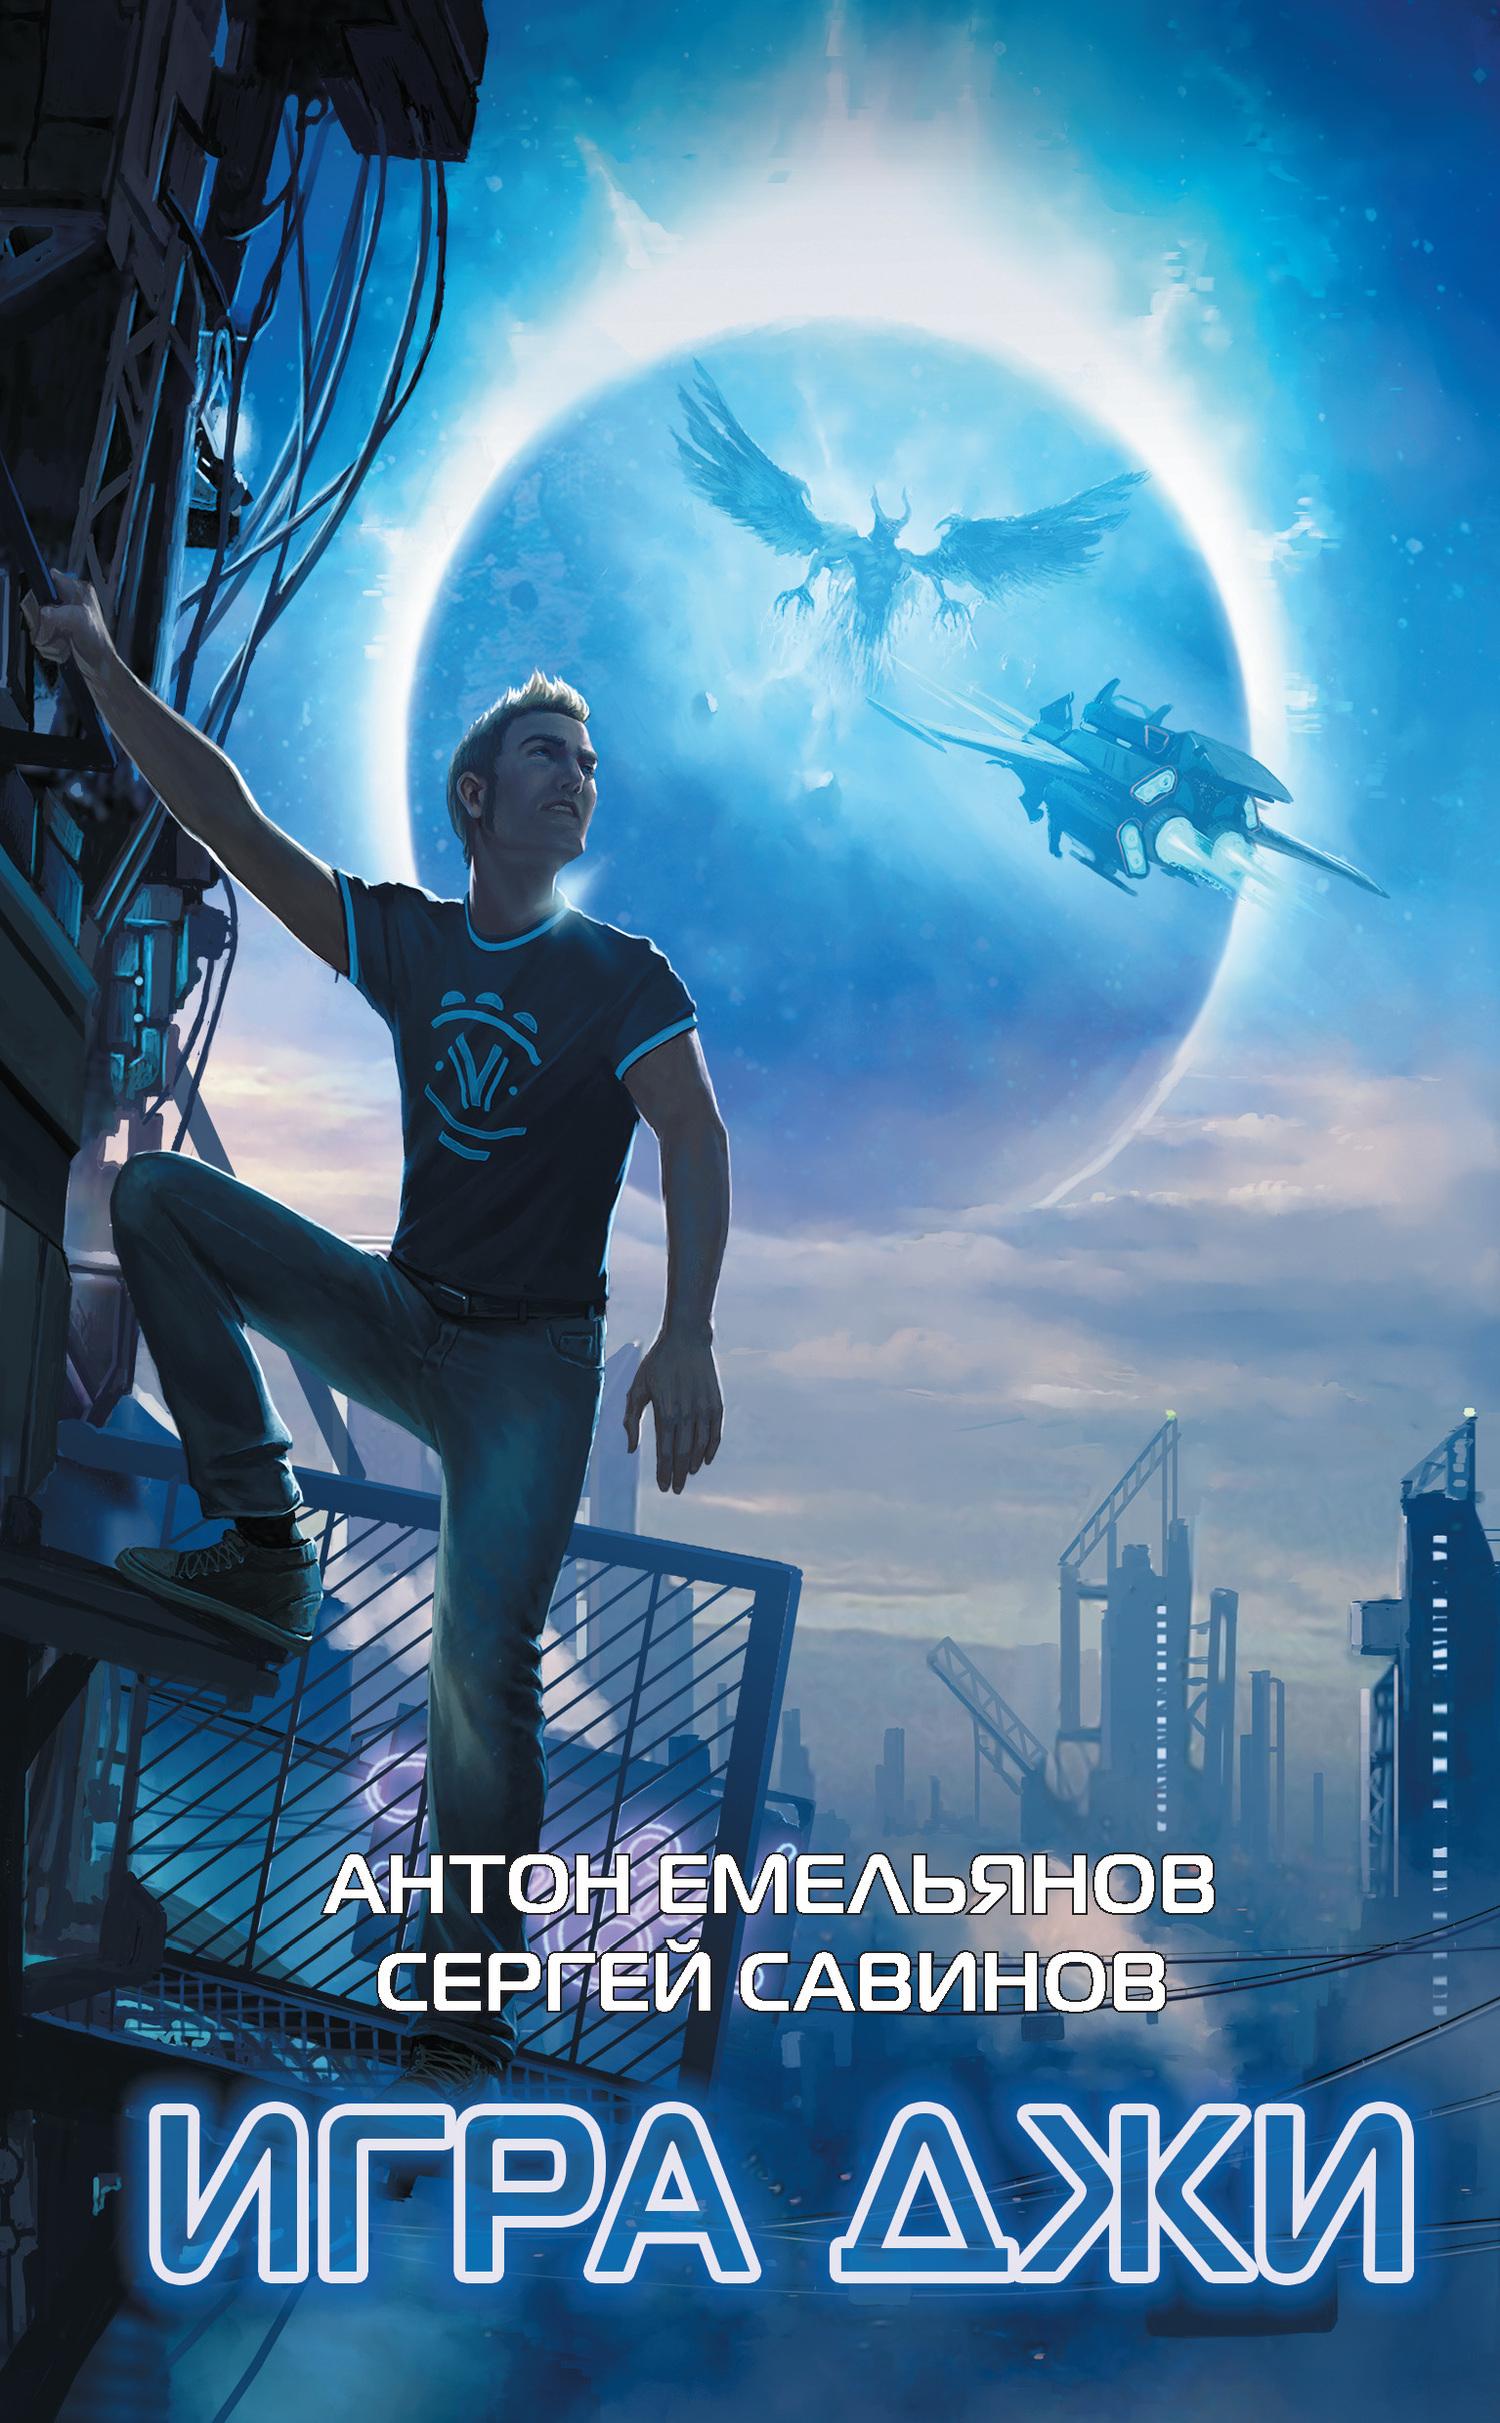 Сергей Савинов, Антон Емельянов - Игра Джи